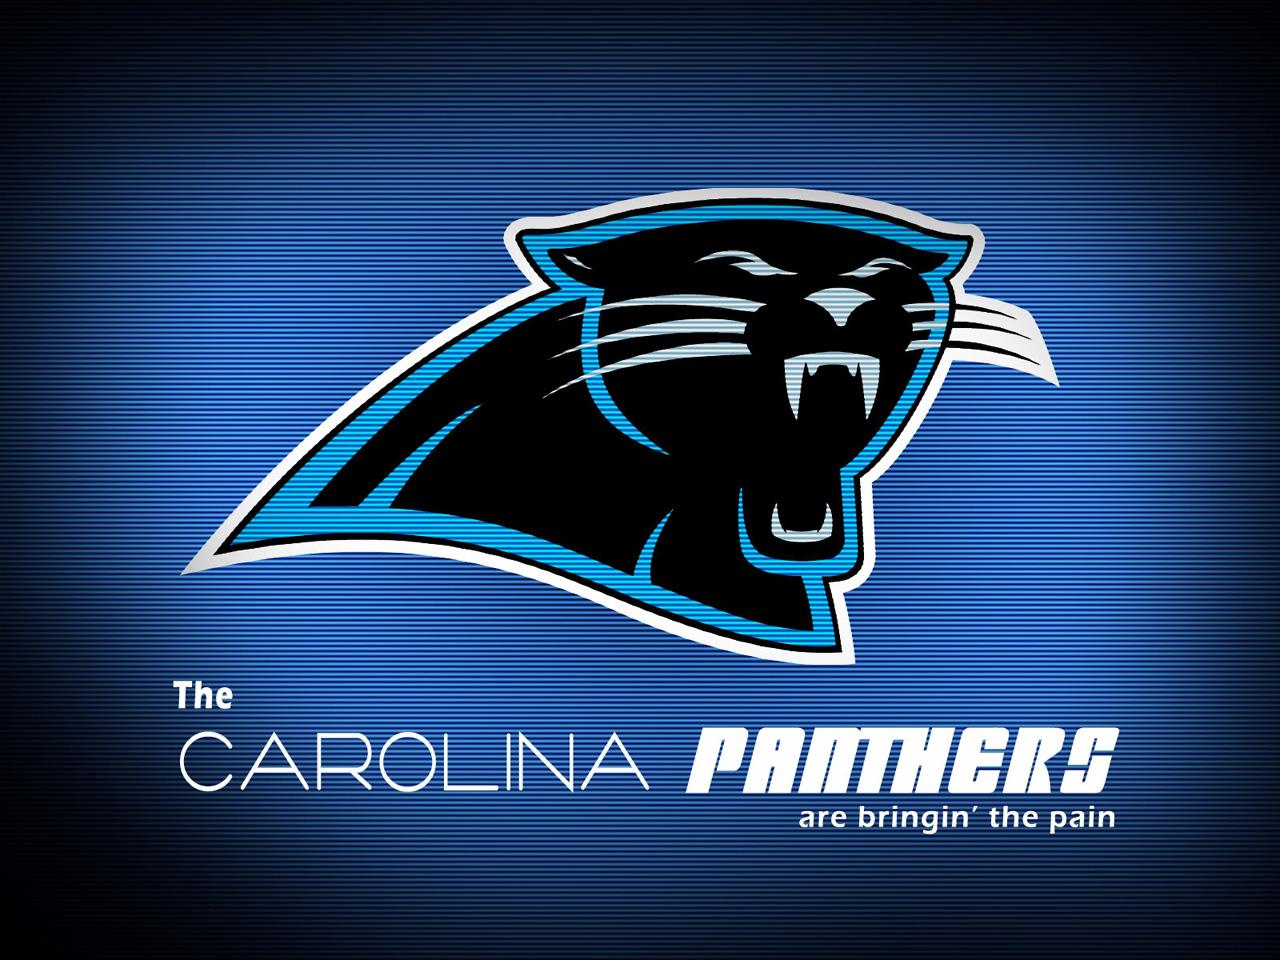 Carolina Panthers Logo Wallpaper by tetsigawind 1280 x 960 1280x960